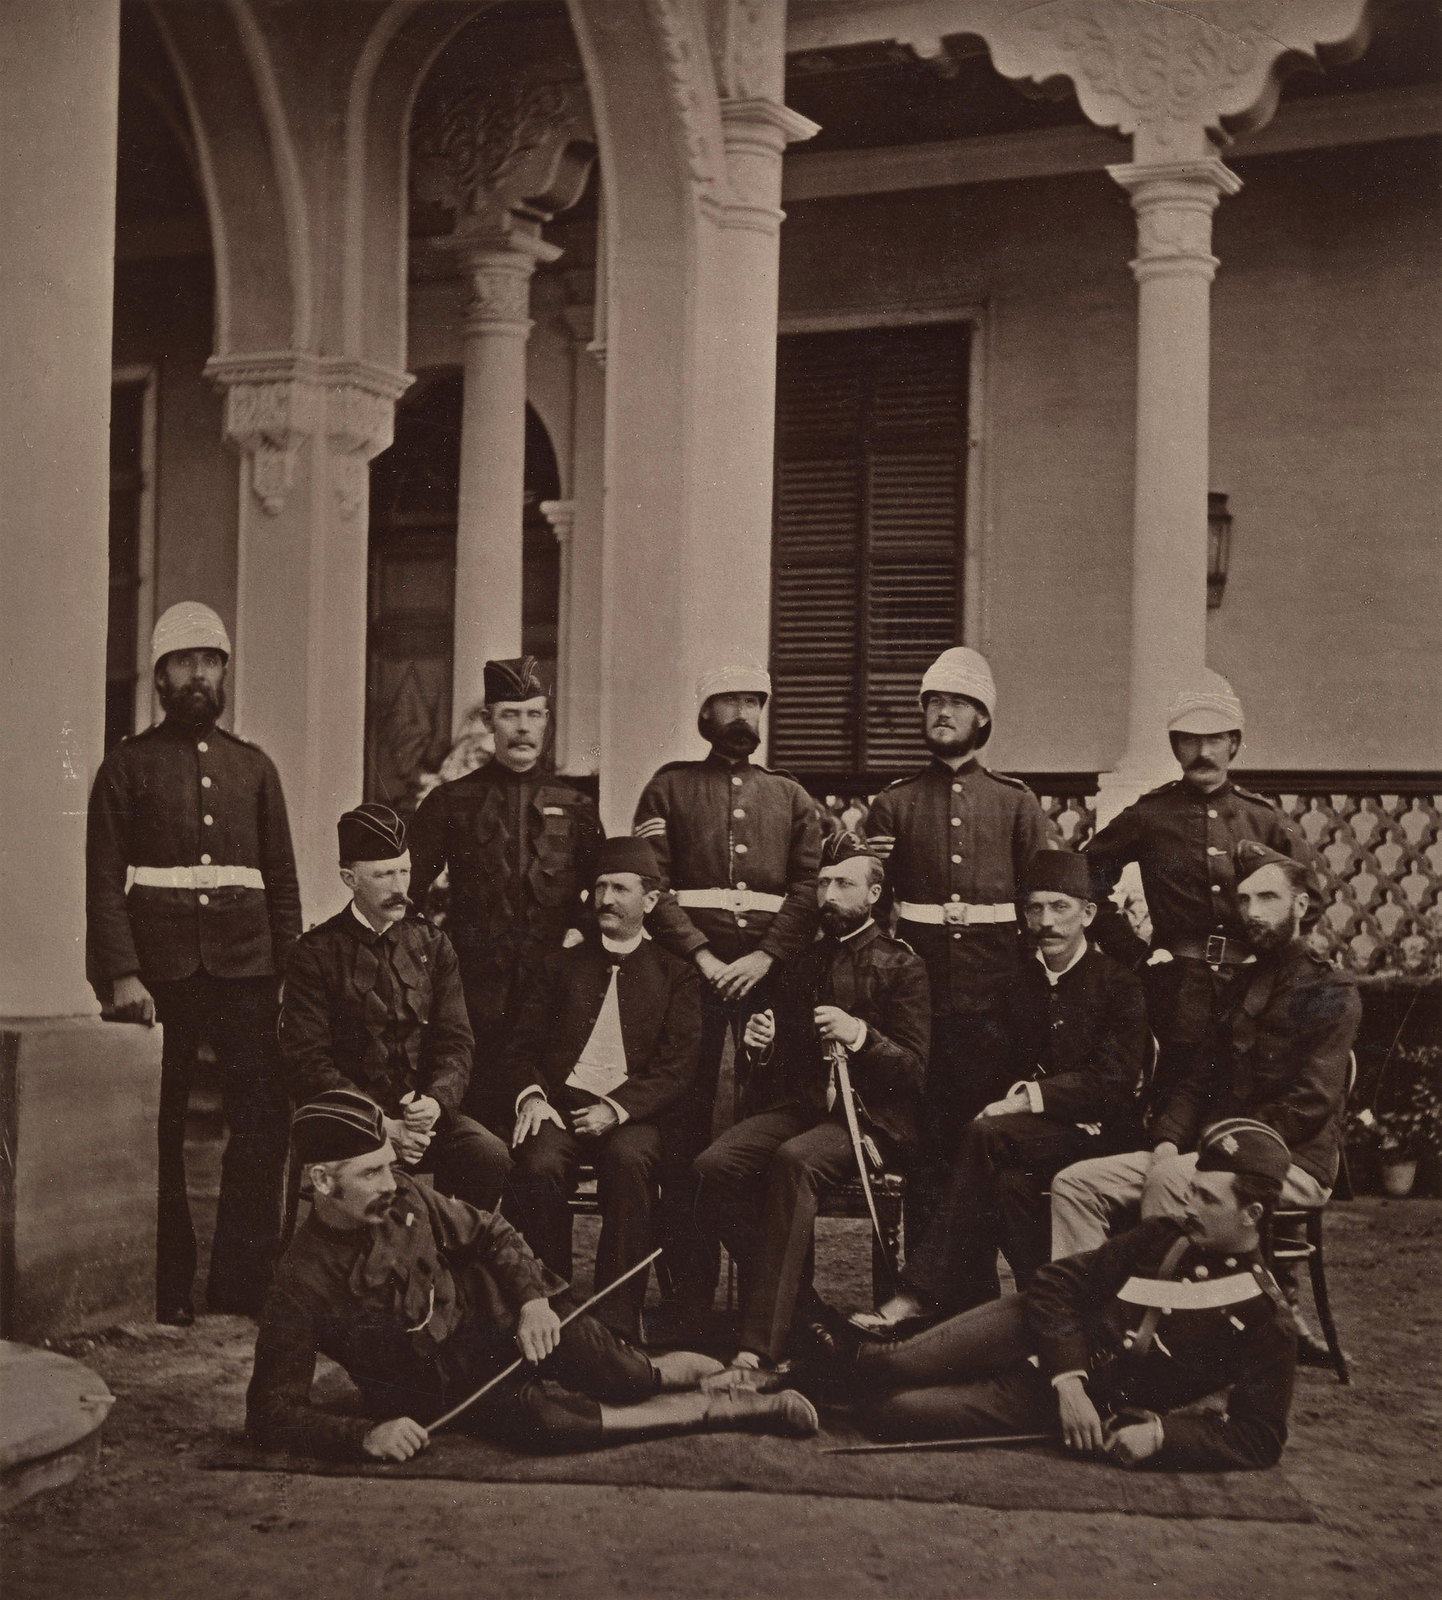 24. Офицеры, служившие в англо-египетской войне. Принц Артур, герцог Коннотский и Стратхеарн сидит в центре группы, держа меч в левой руке